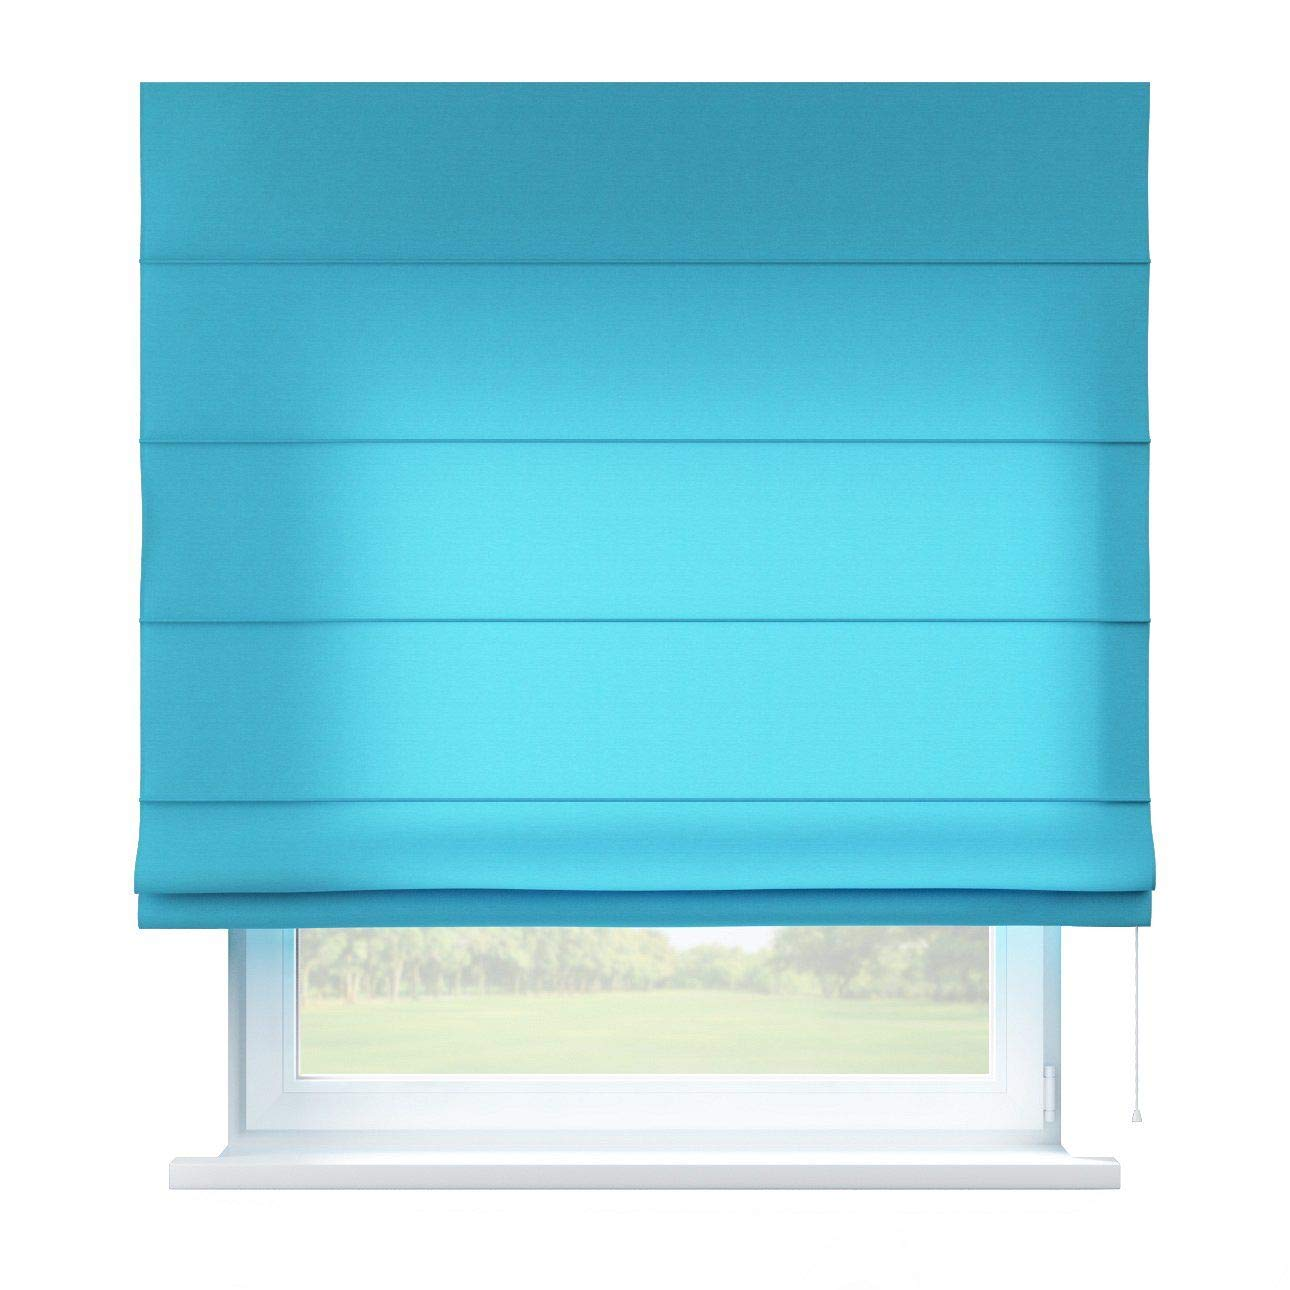 Dekoria Raffrollo Capri ohne Bohren Blickdicht Faltvorhang Raffgardine Wohnzimmer Schlafzimmer Kinderzimmer 80 × 170 cm azurblau Raffrollos auf Maß maßanfertigung möglich